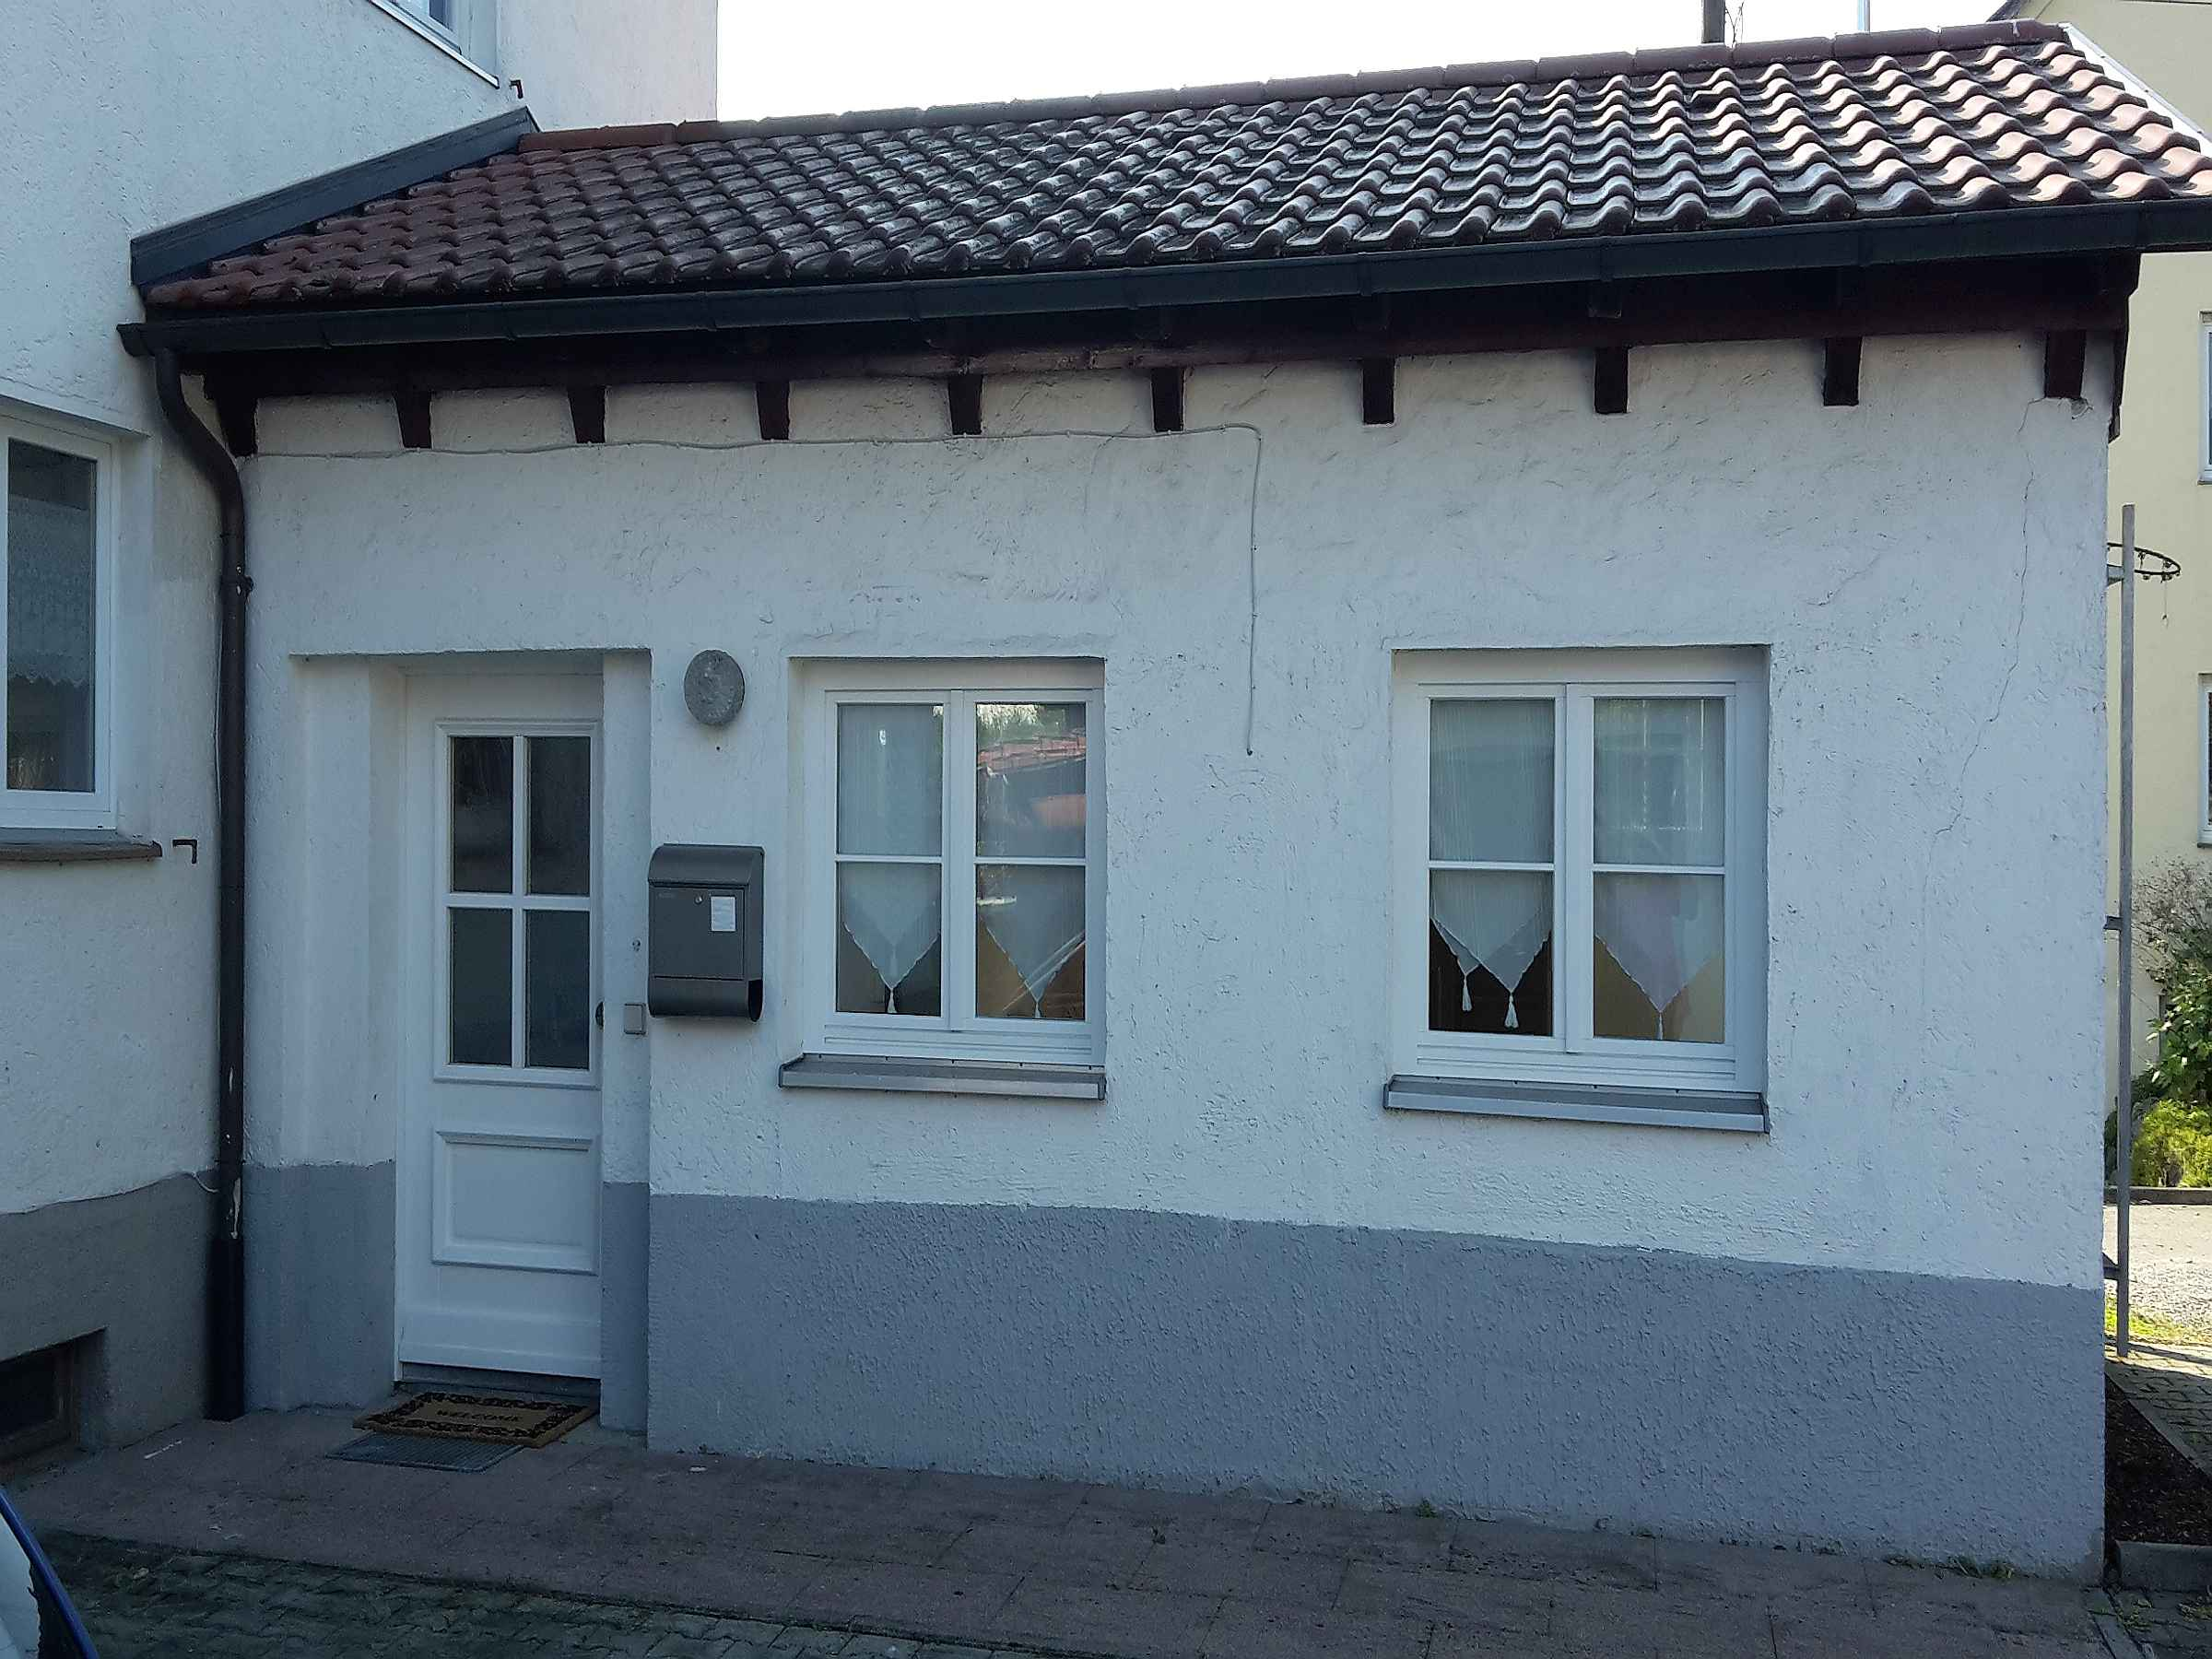 Ferienwohnung Sabine, (Lindau am Bodensee). Ferien Ferienwohnung am Bodensee